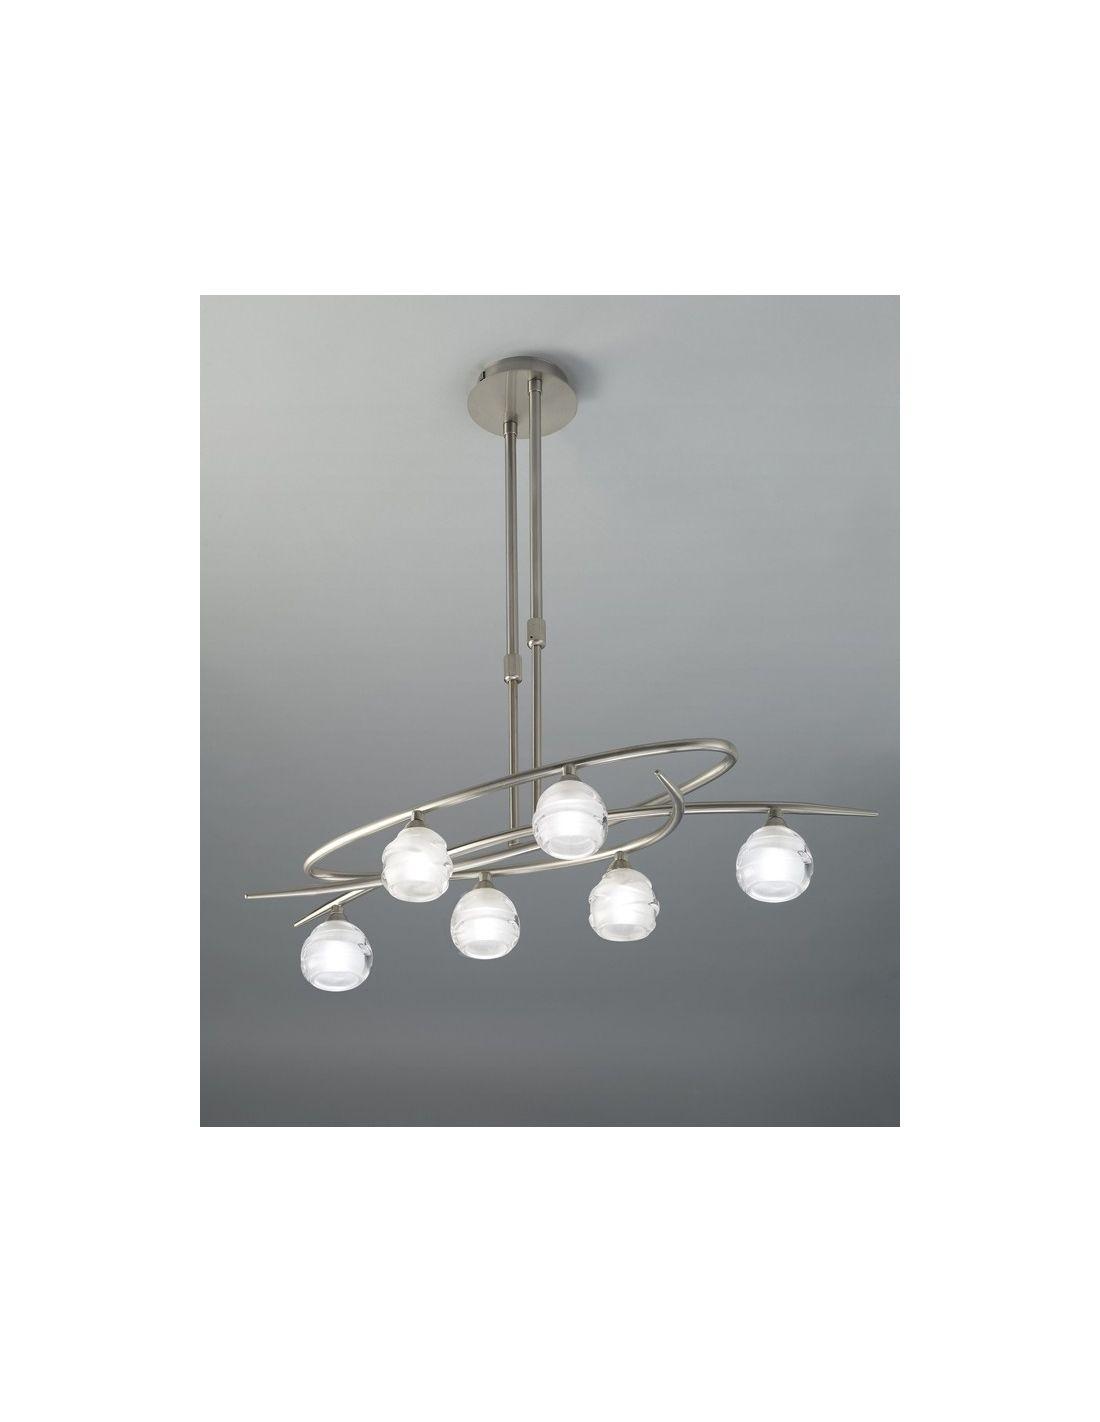 Lamparas online lamparas baratas lamparas baratas online - Lamparas de dormitorio ...